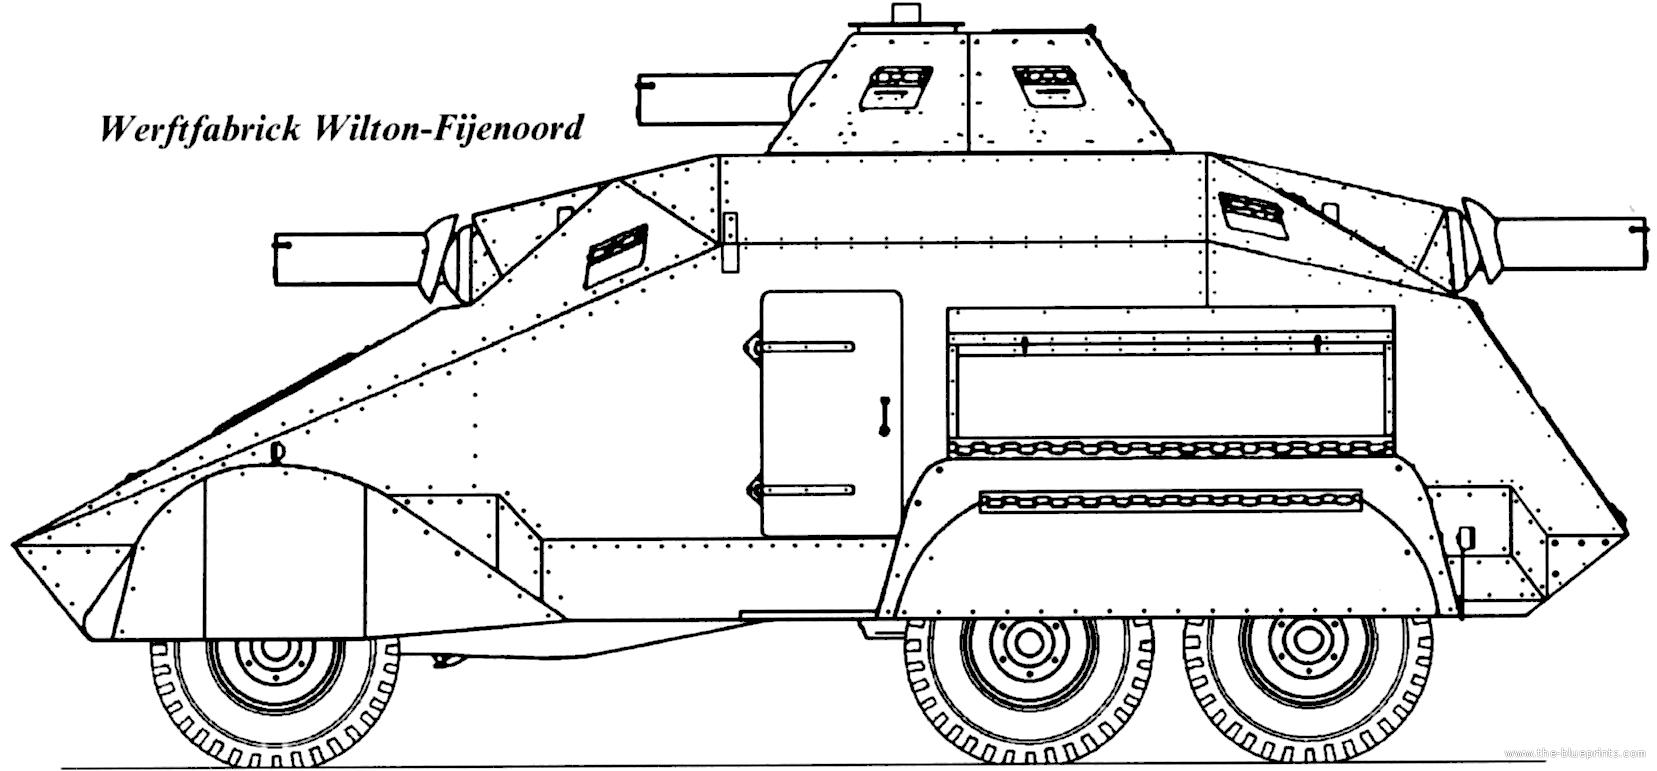 Blueprints > Tanks > Tanks U-Z > Wertfabrik Wilton-Fijenoord